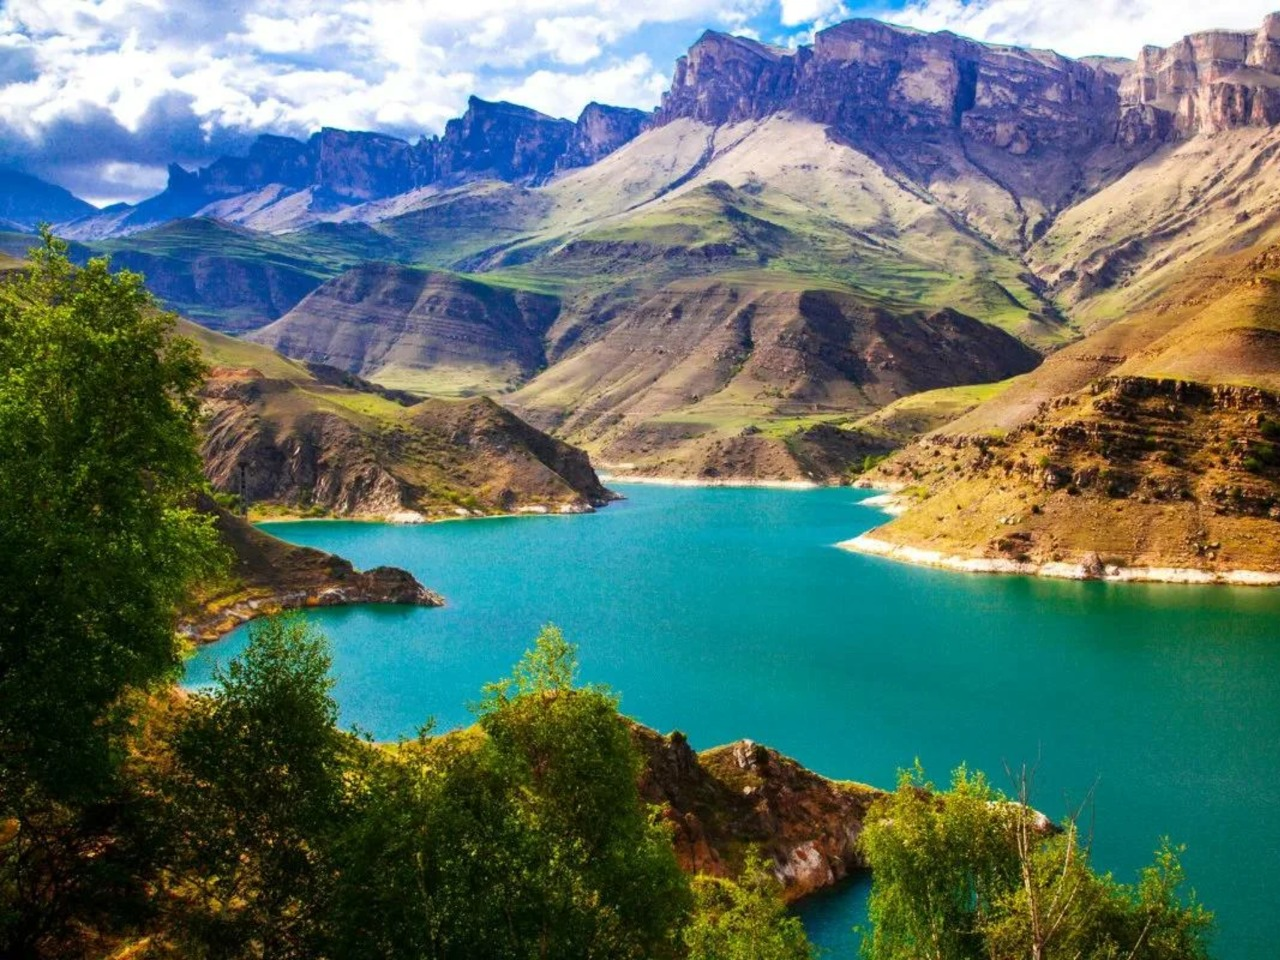 Озеро Гижгит, перевал Актопрак и Верхний Чегем - групповая экскурсия в Кисловодске от опытного гида